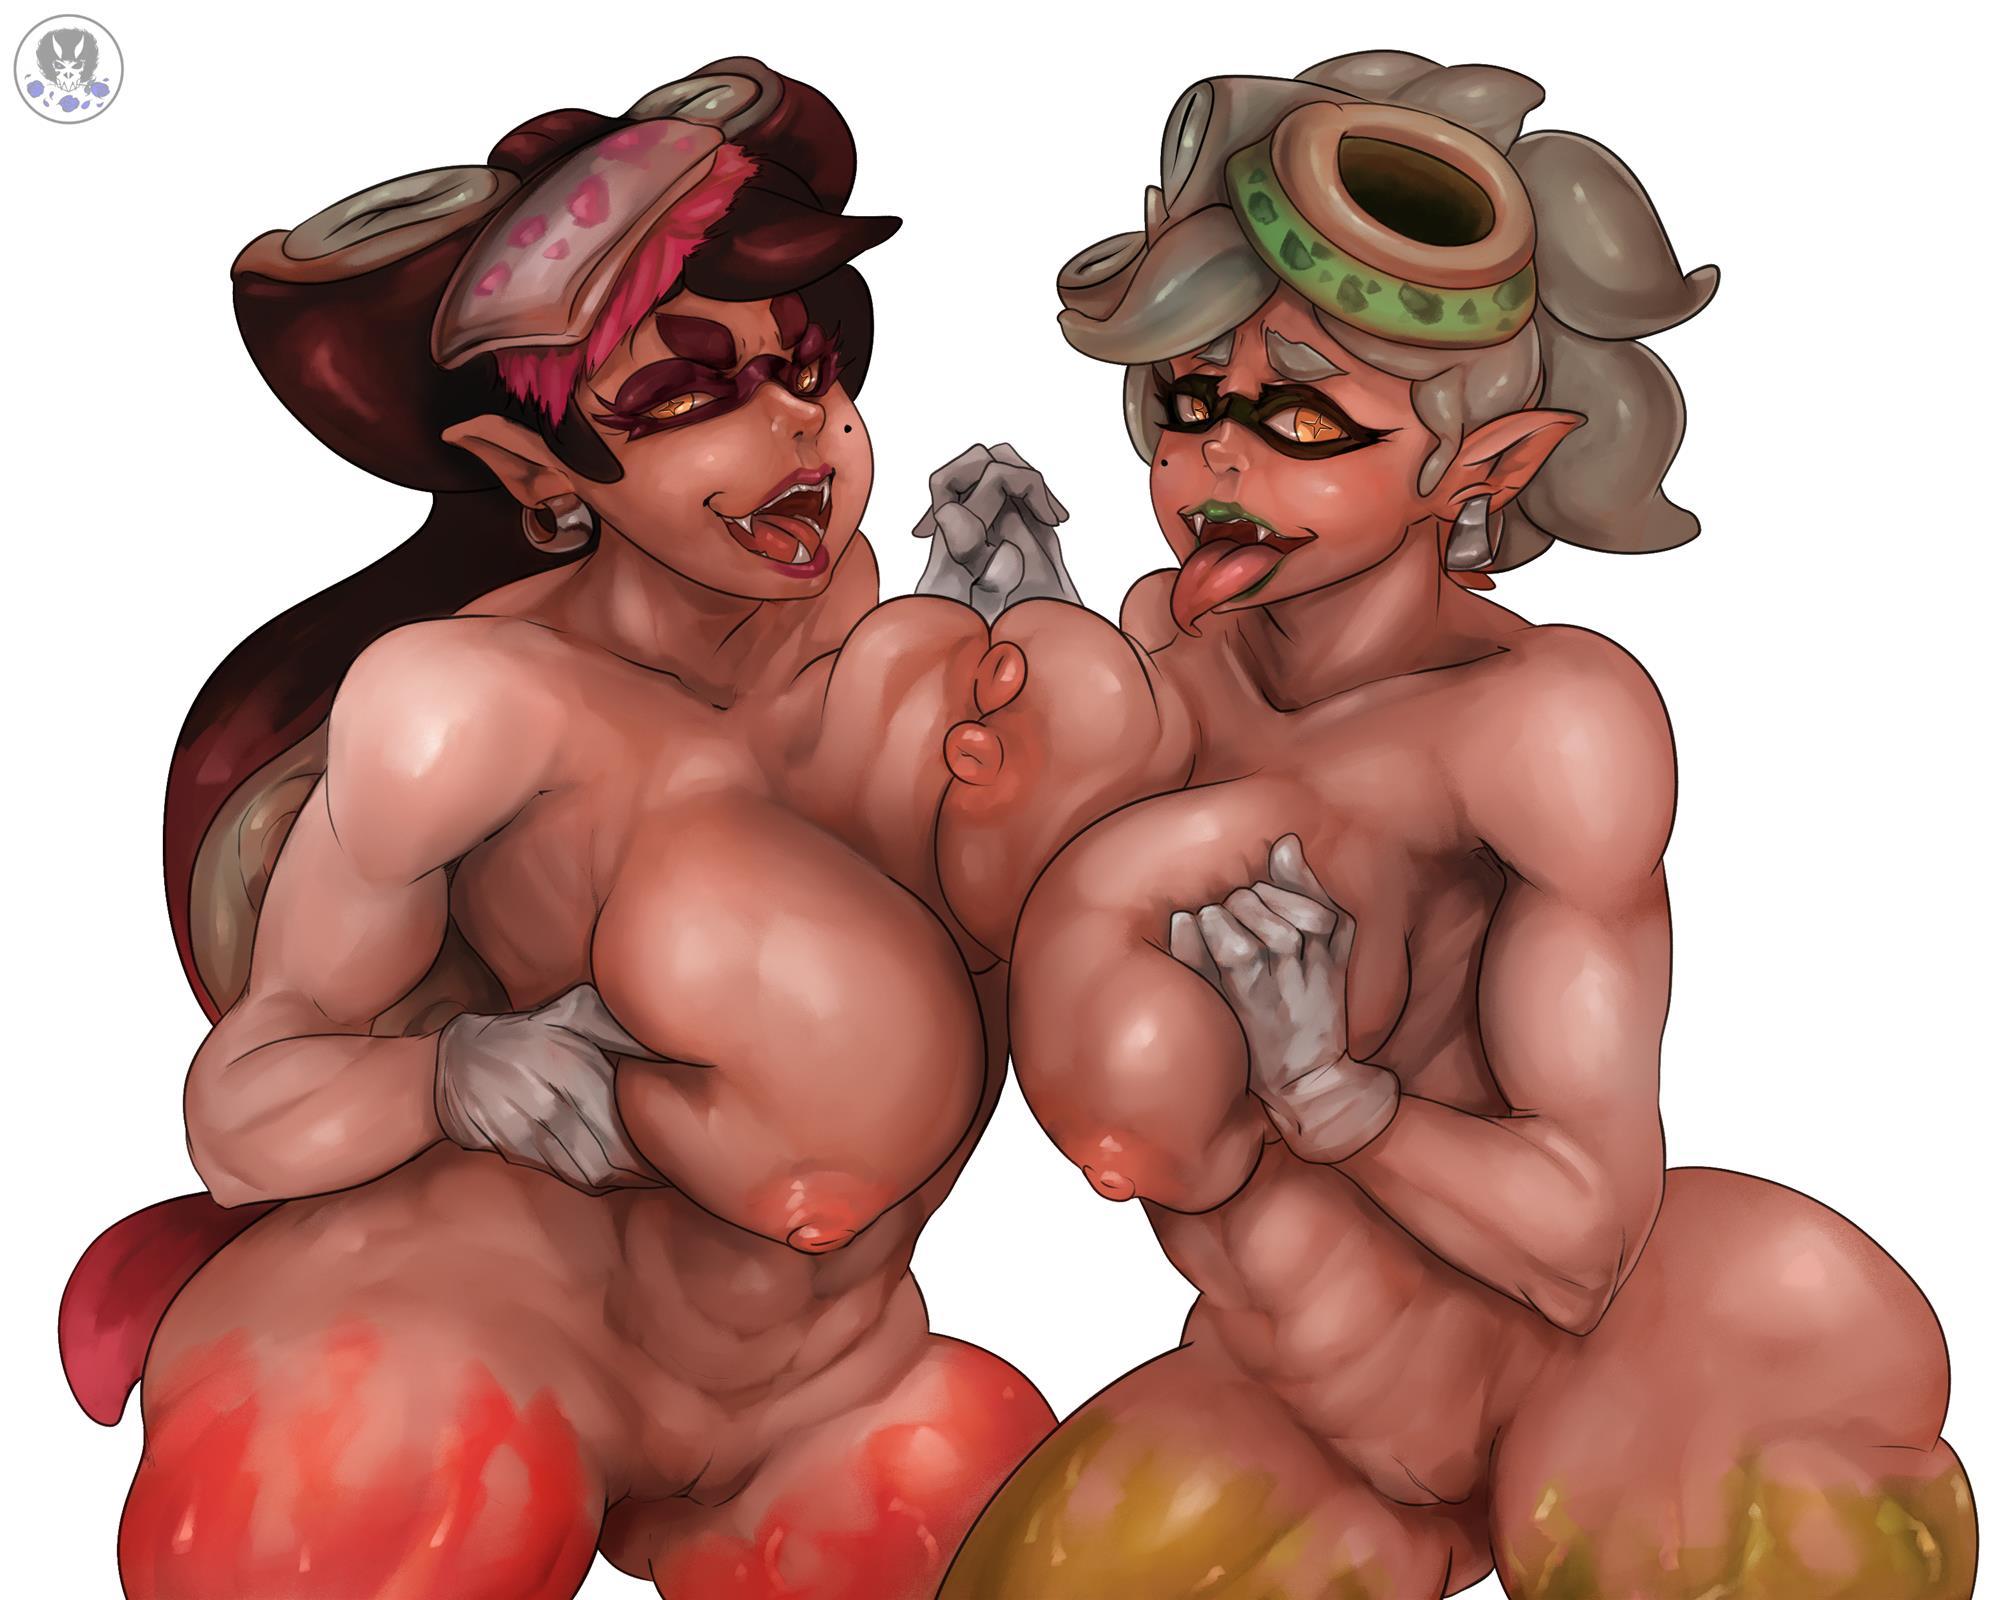 splatoon callie and marie hentai